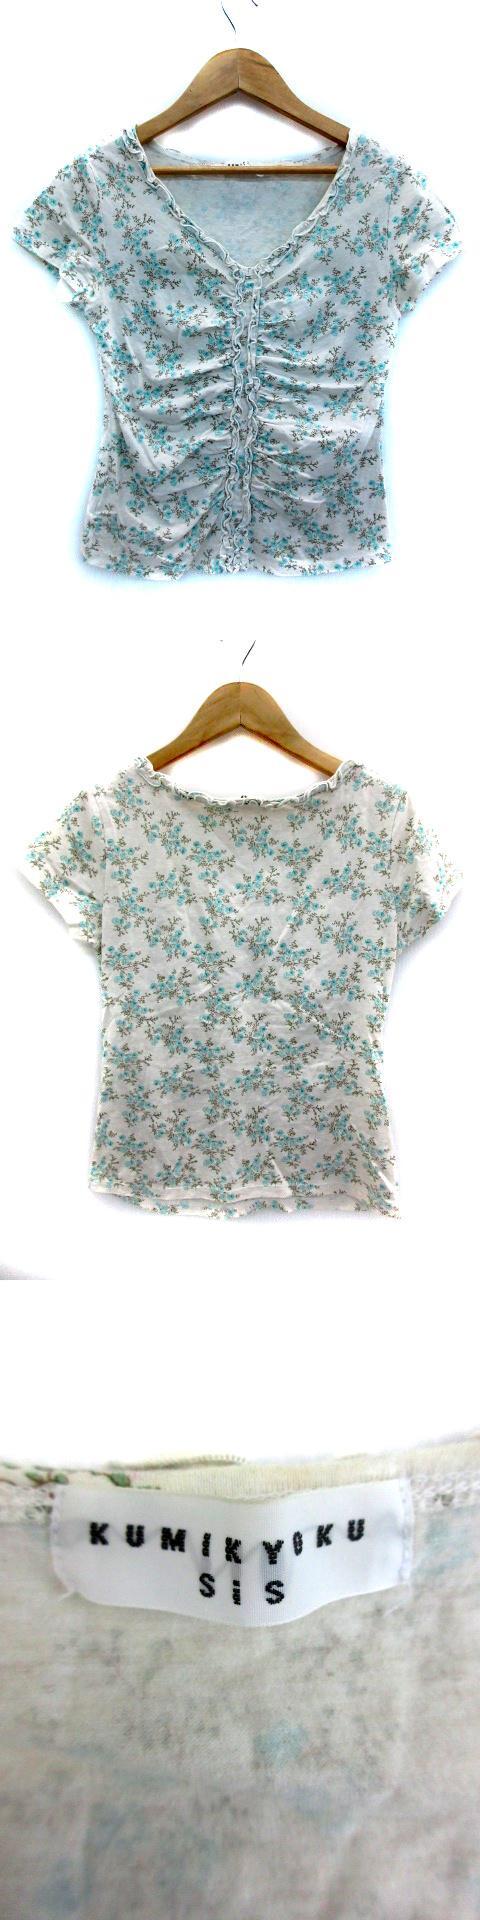 Tシャツ カットソー 半袖 Vネック 花柄 薄手 2 ライトグレー 水色 ライトブルー /MY3